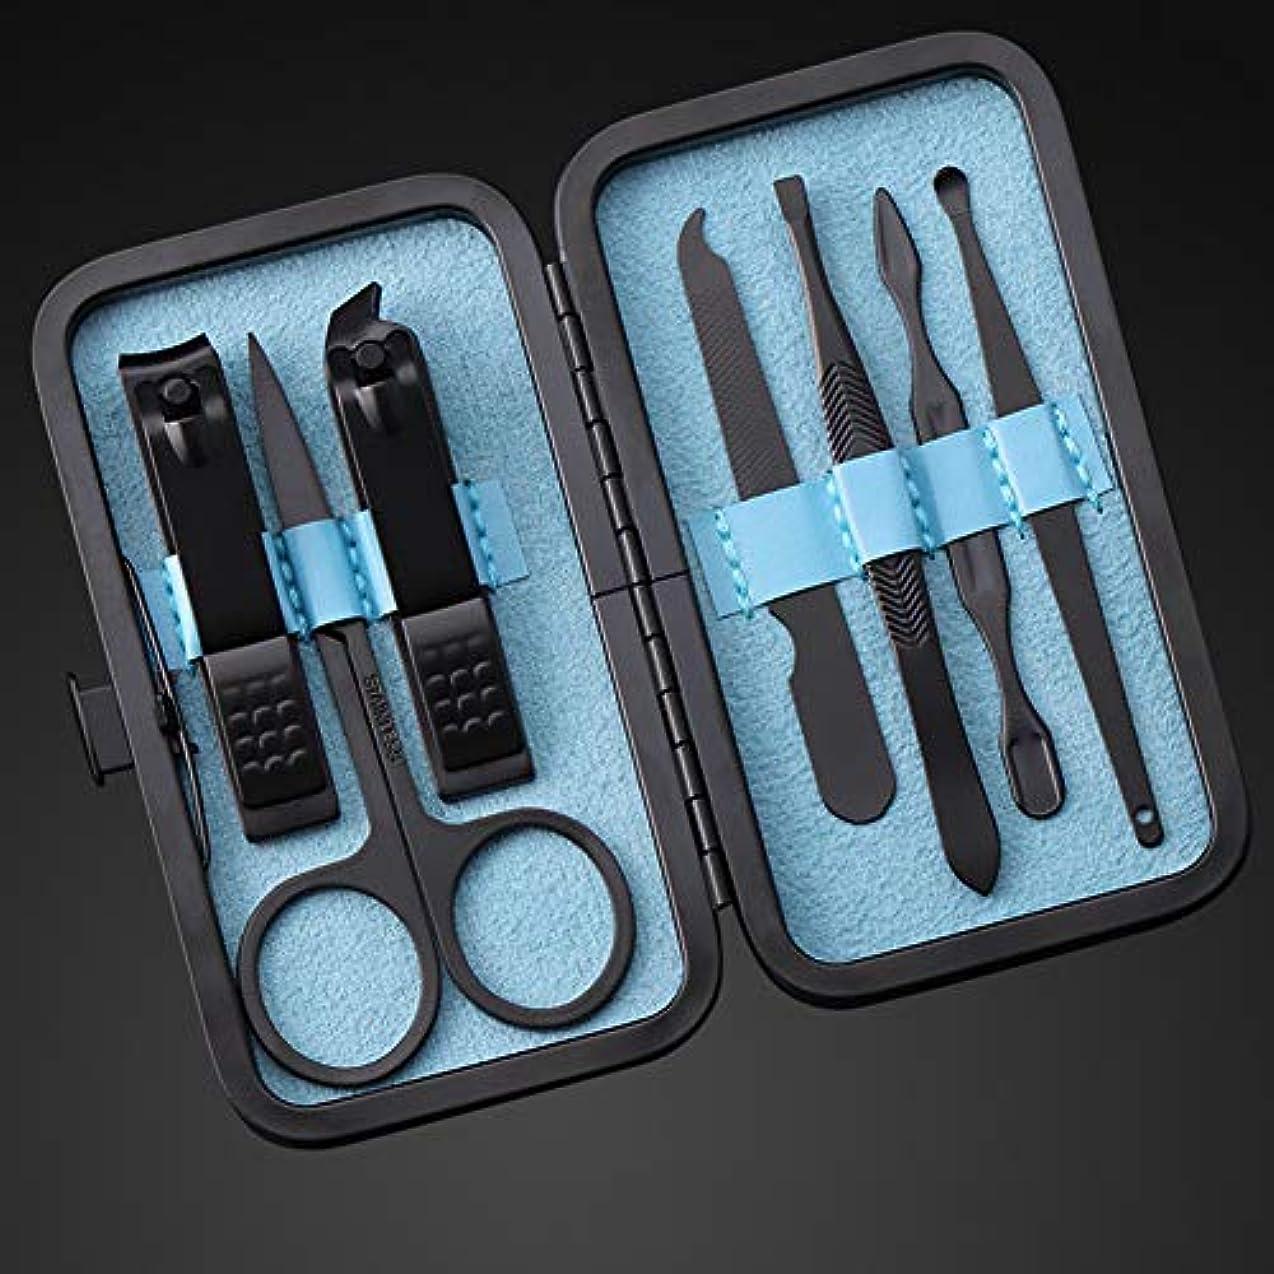 固体ライラック買い物に行くXueliee 7pcsマニキュアネイルクリッパーペディキュアセット,旅行衛生キットステンレススチールカッター